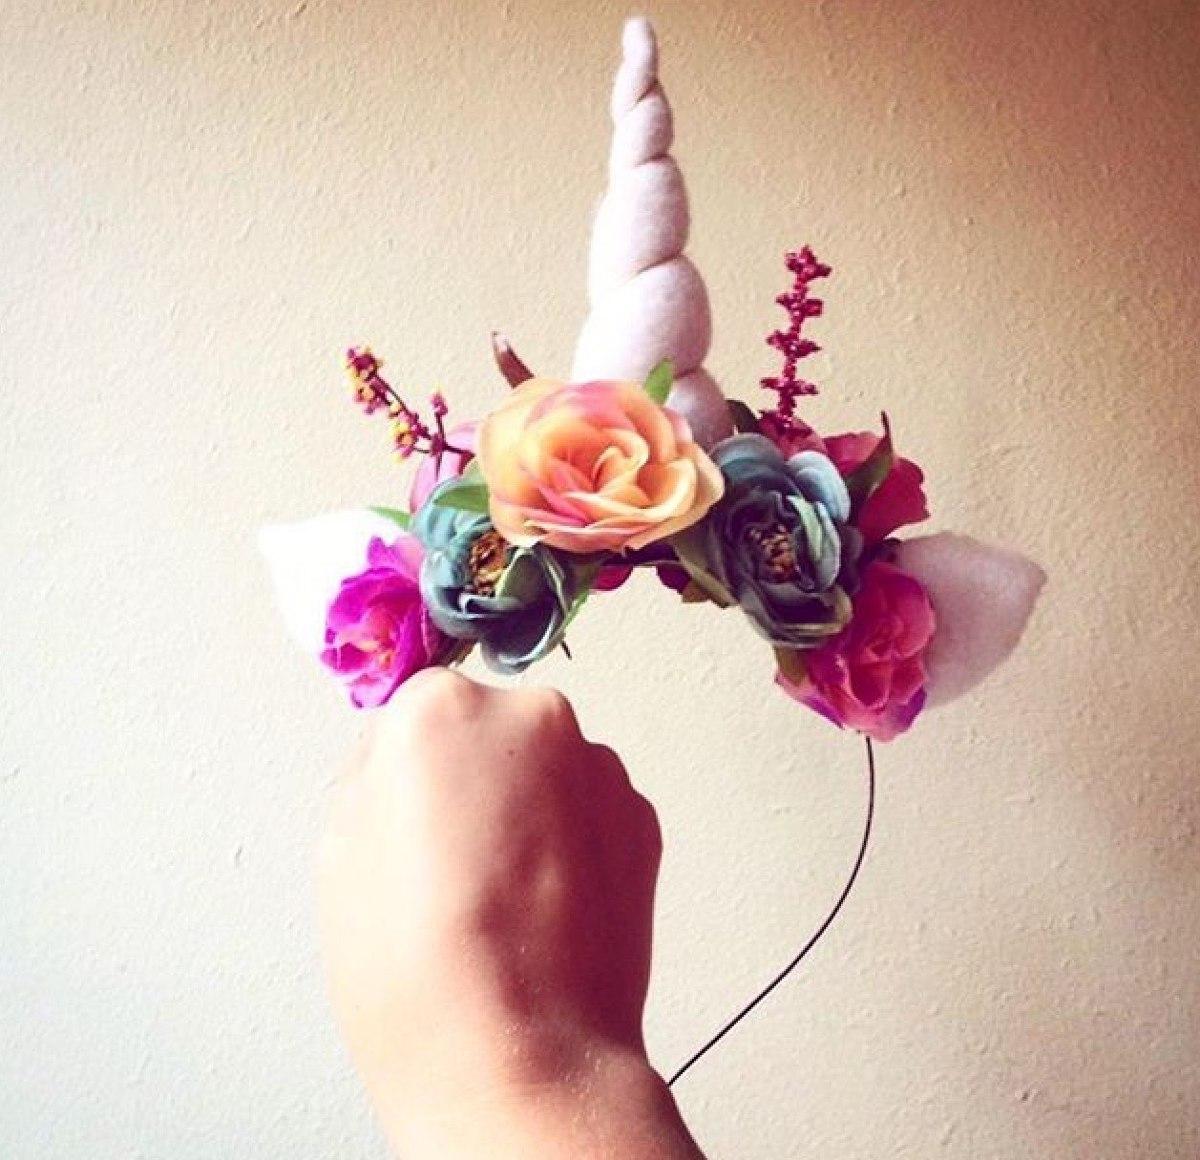 Aparador Vermelho Etna ~ Tiara De Unicórnio Com Orelhas E Flores Para Festivais R$ 50,00 em Mercado Livre